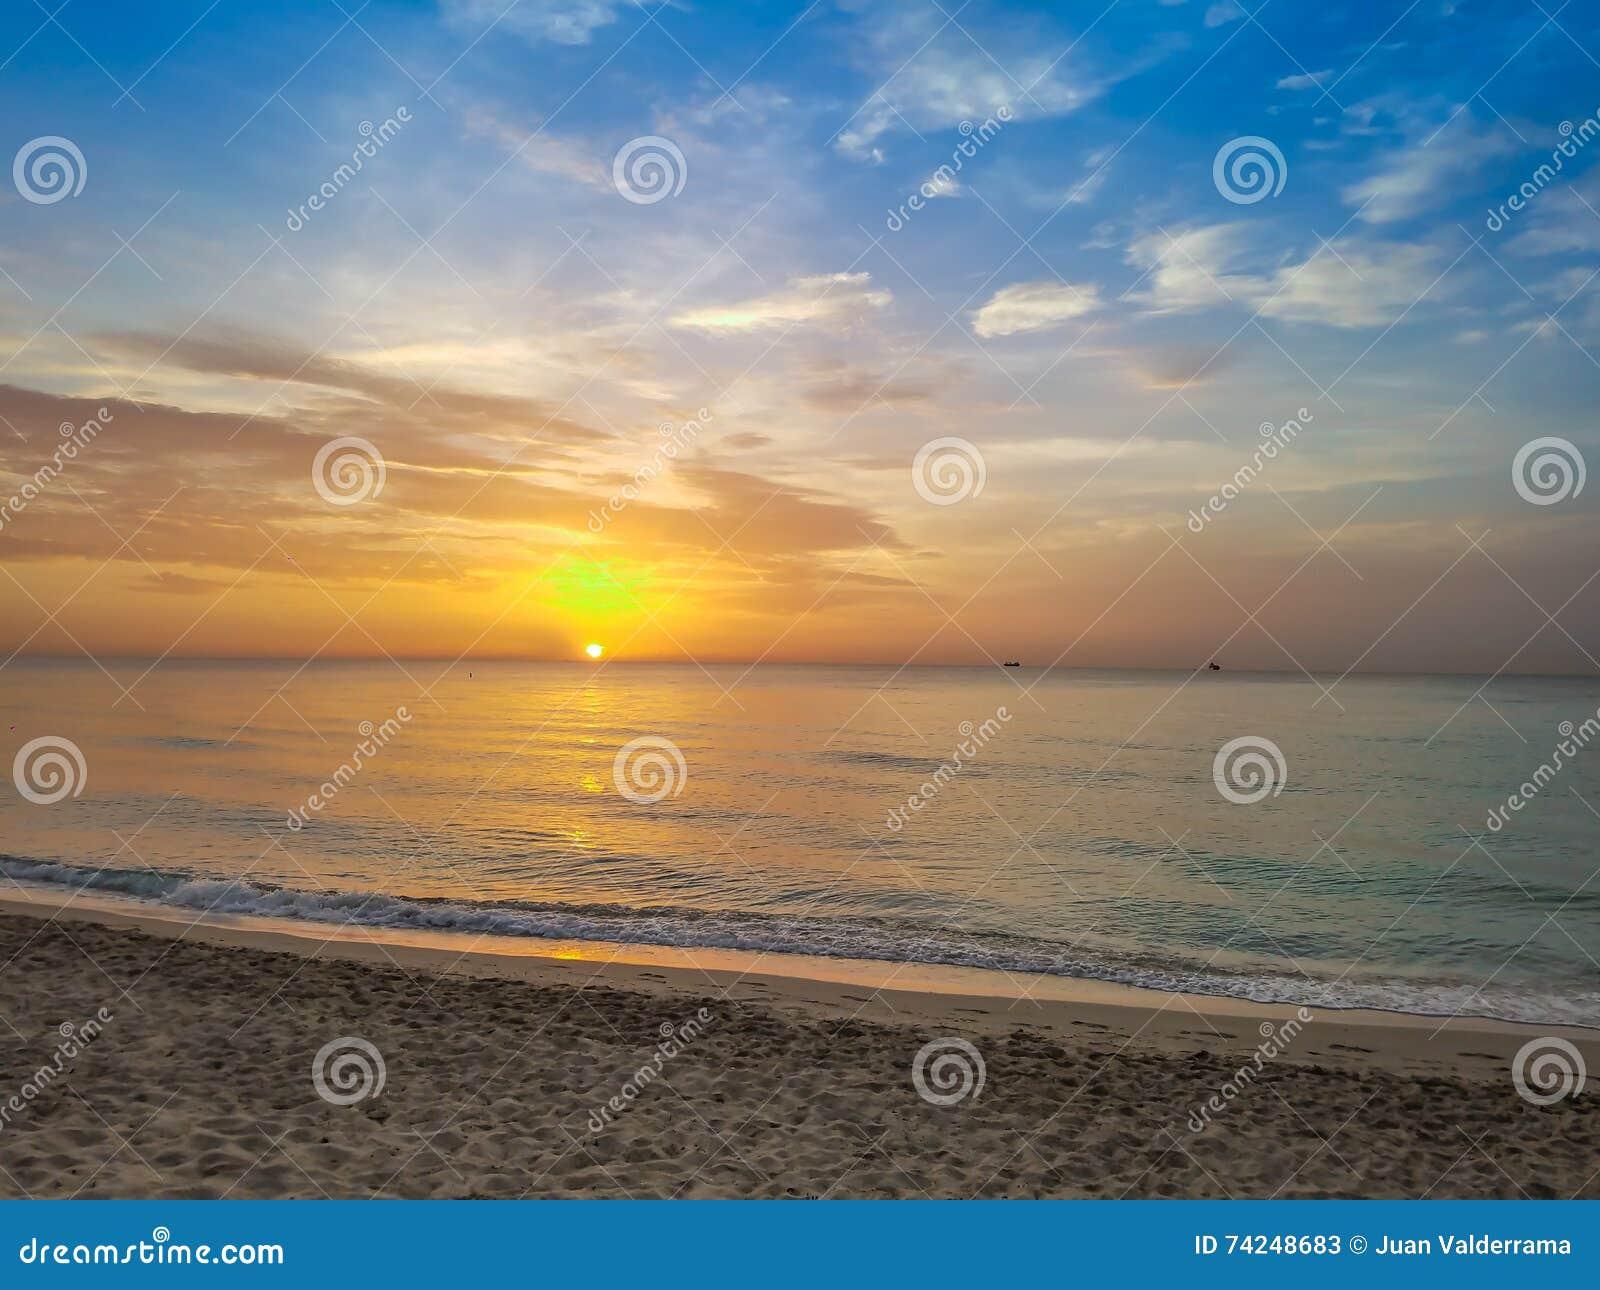 Nascer do sol, por do sol, areia, verão, oceano & céu da praia